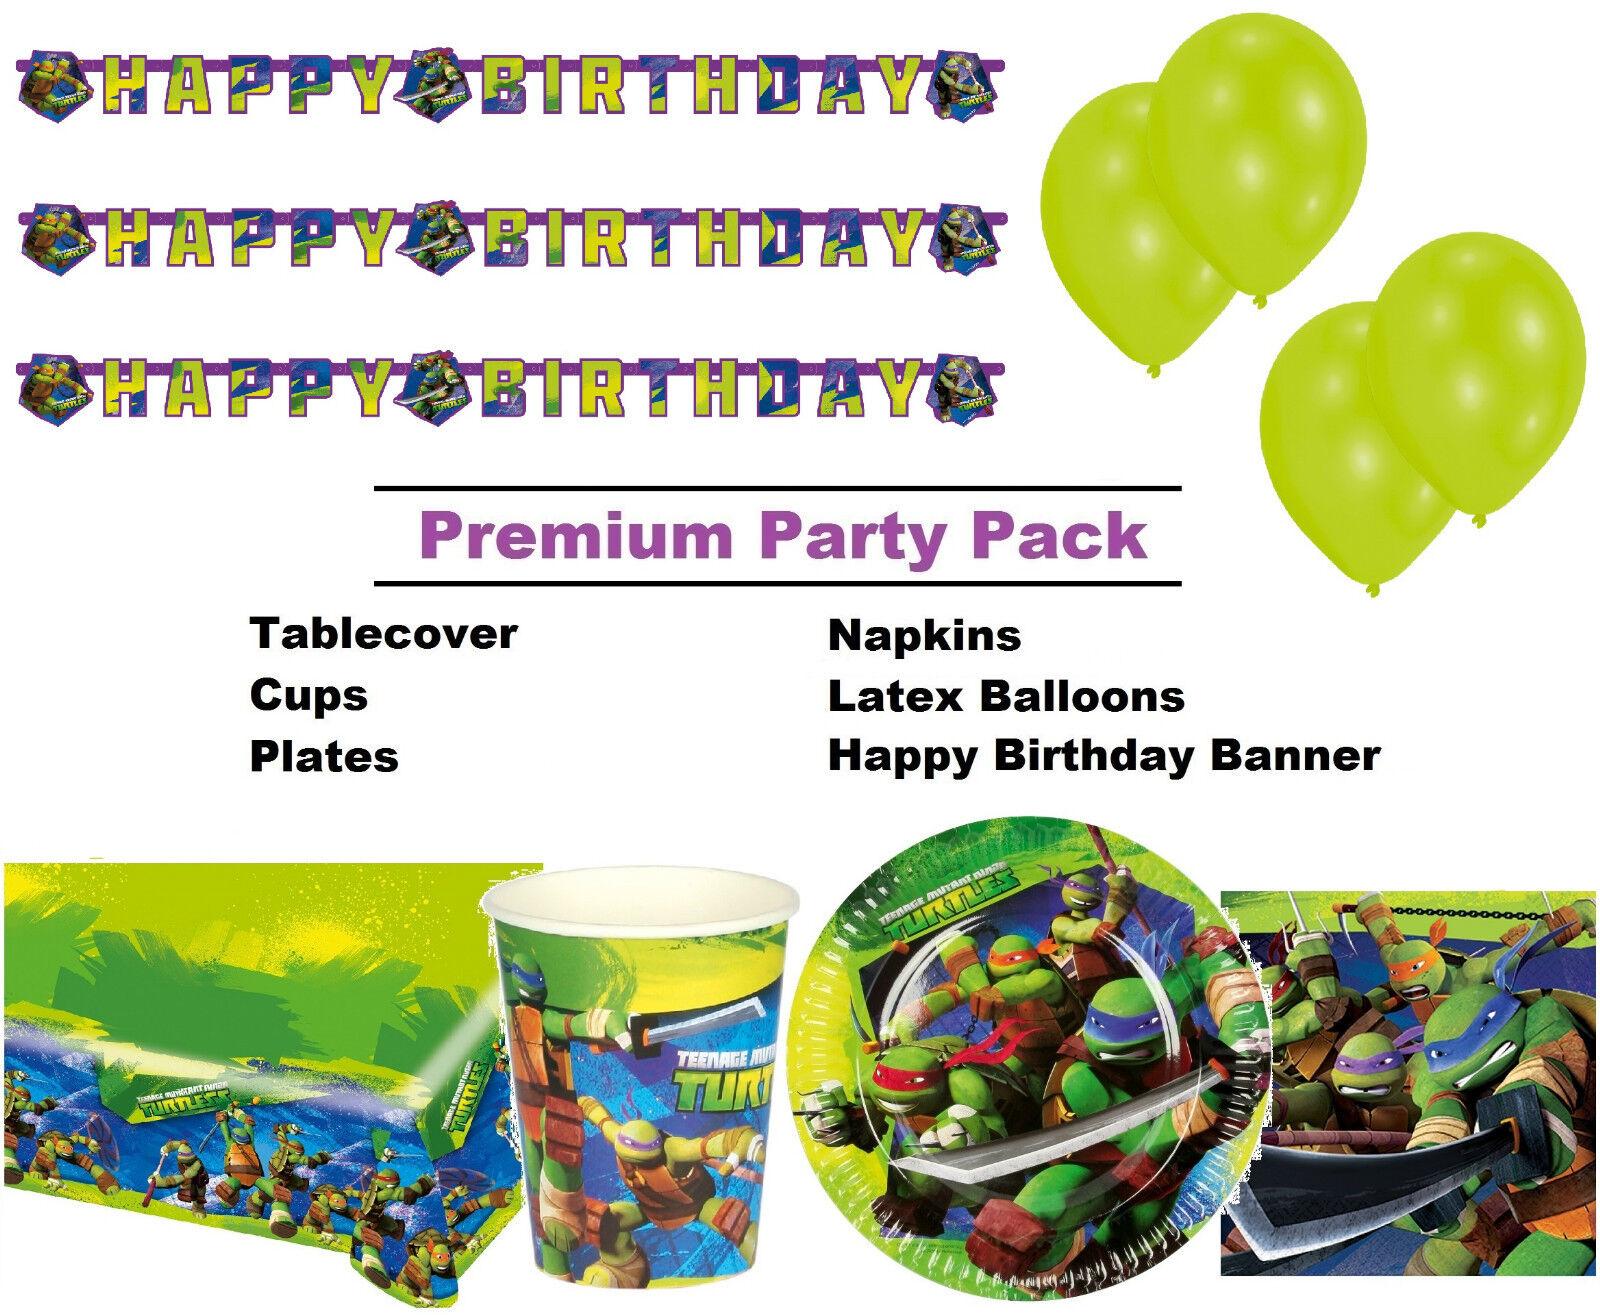 Teenage Mutant Ninja Turtles 8-48 Premium parti Premium 8-48 comHommes taires Pack-vaisselle d72b7c